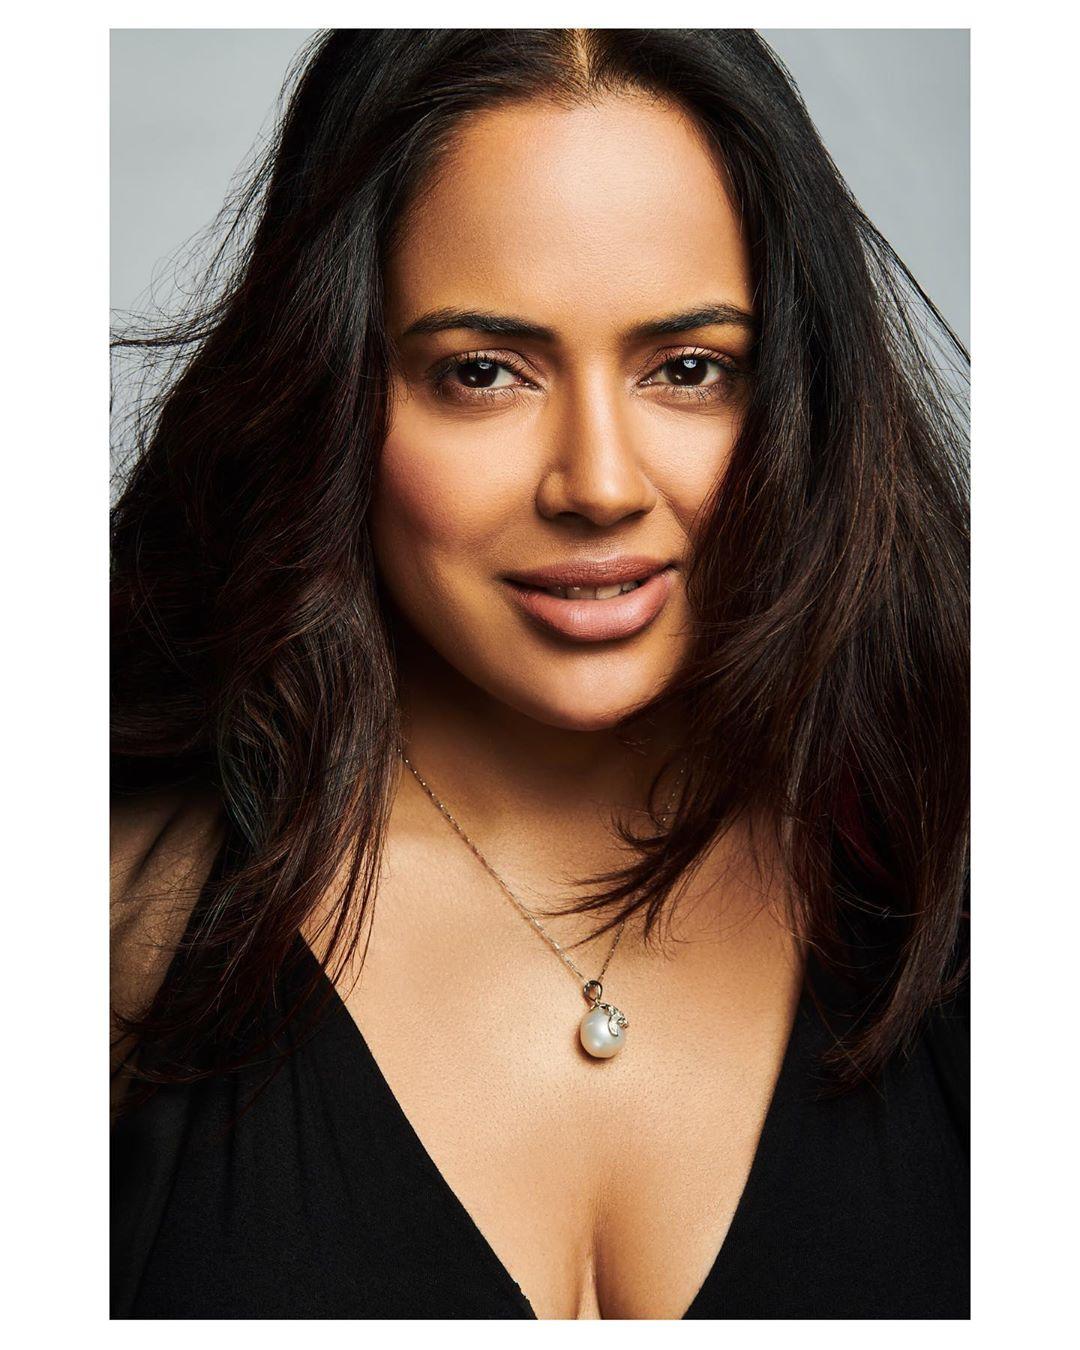 Sameera reddy bollywood actress 3